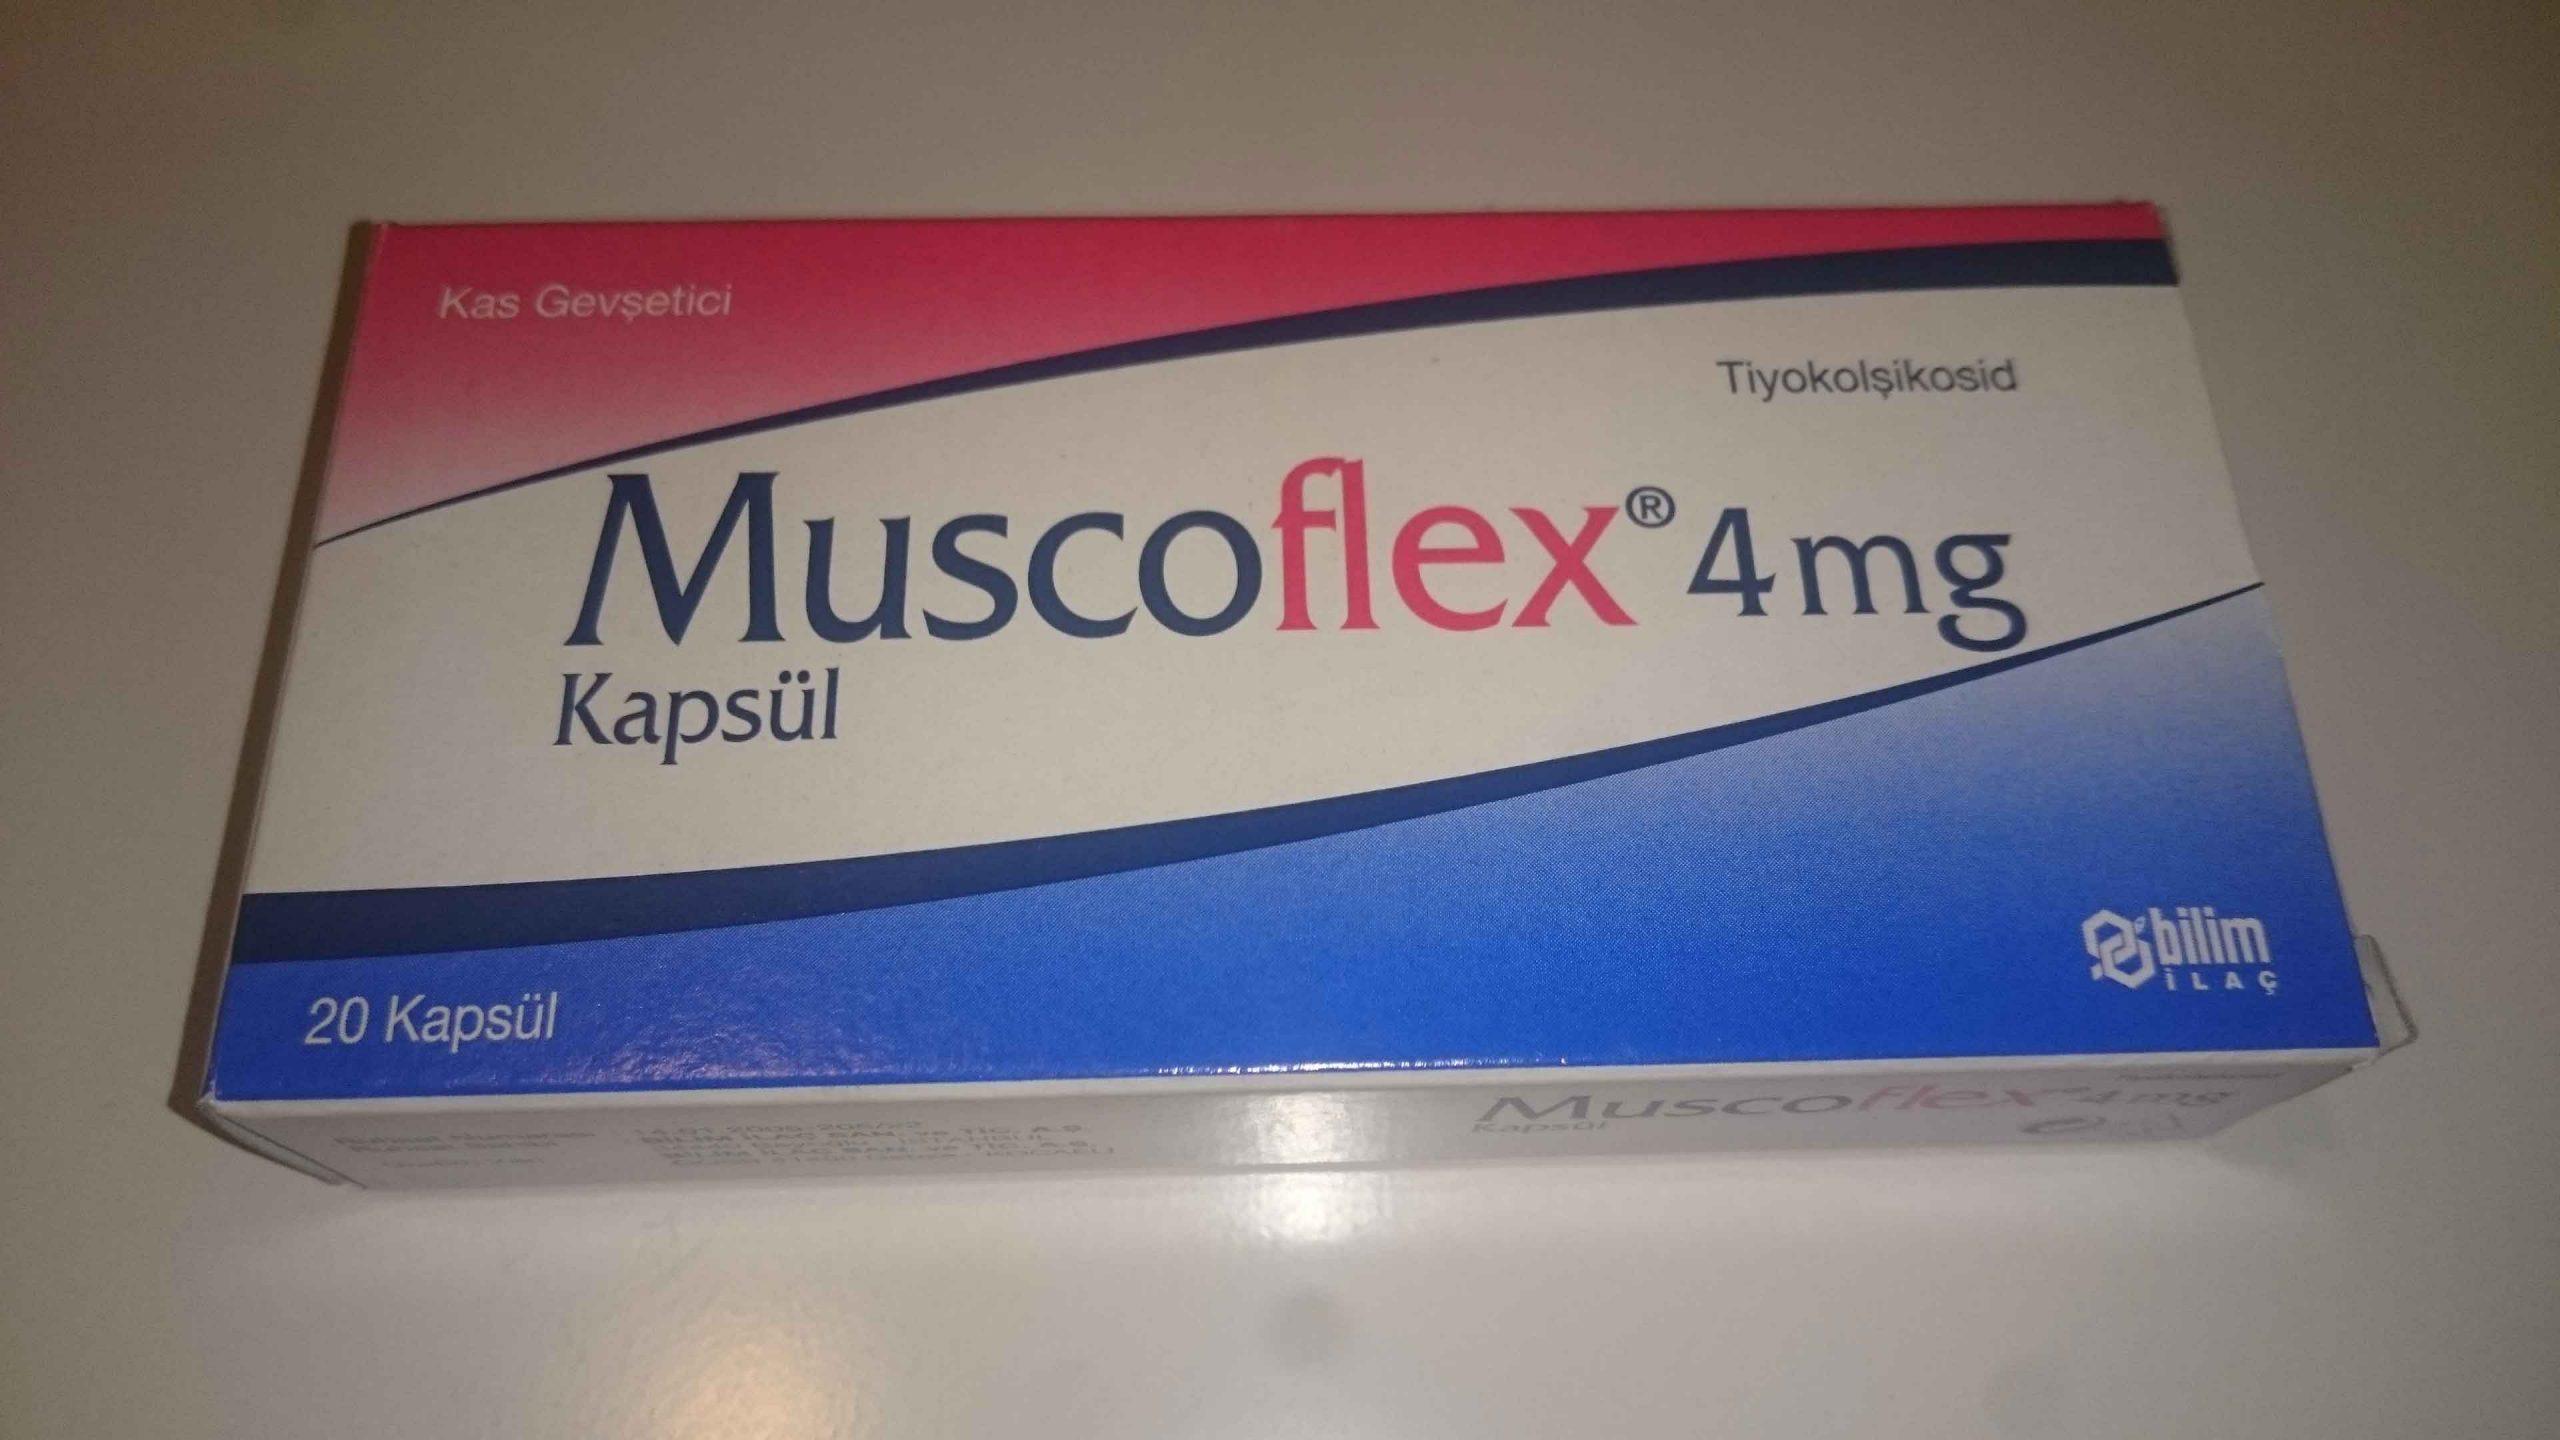 Muscoflex 4 mg Kapsül 1